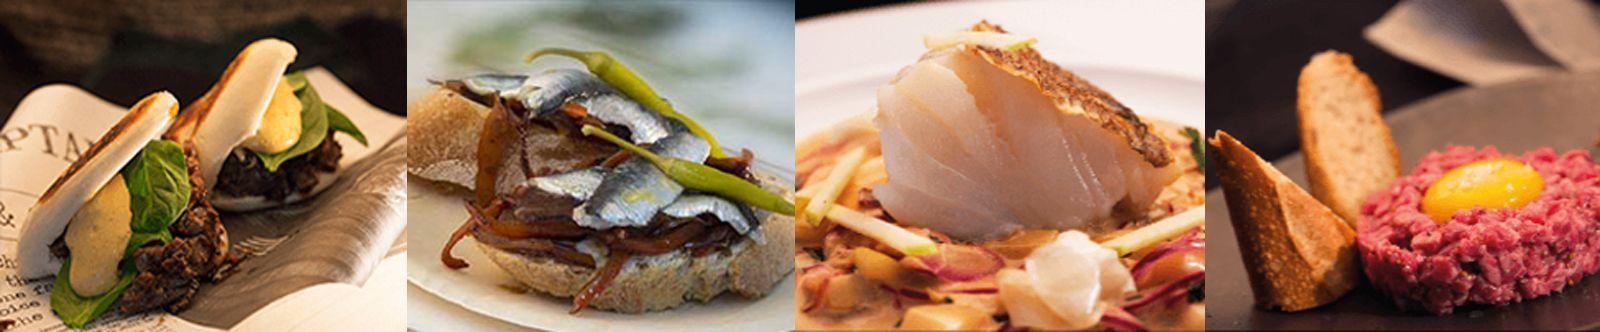 Platos en la oferta de los distintos espacios culinarios de Florida Retiro. De izquierda a derecha: Kioscos, La galería, El pabellón y La Sala. © Florida Retiro.